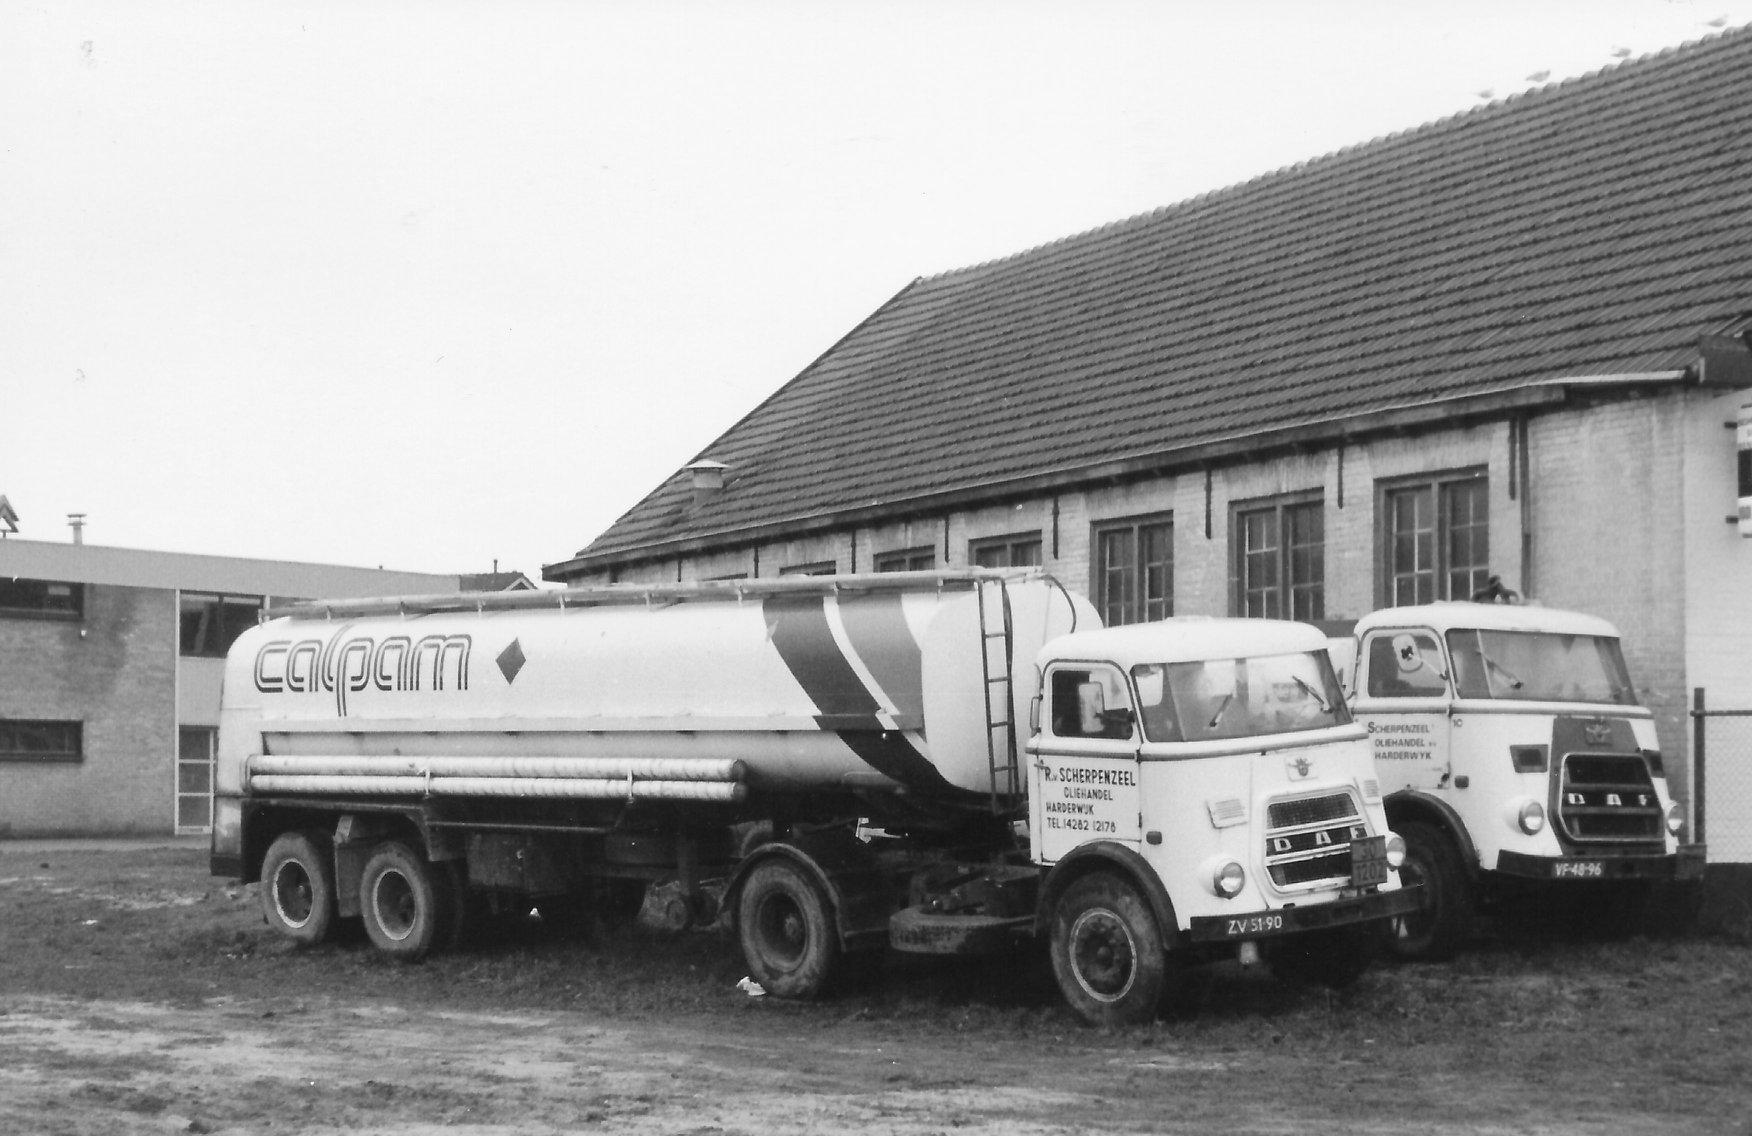 van-Scherpenzeel-oliehandel-uit-Harderwijk-Piet-Janssens-archief